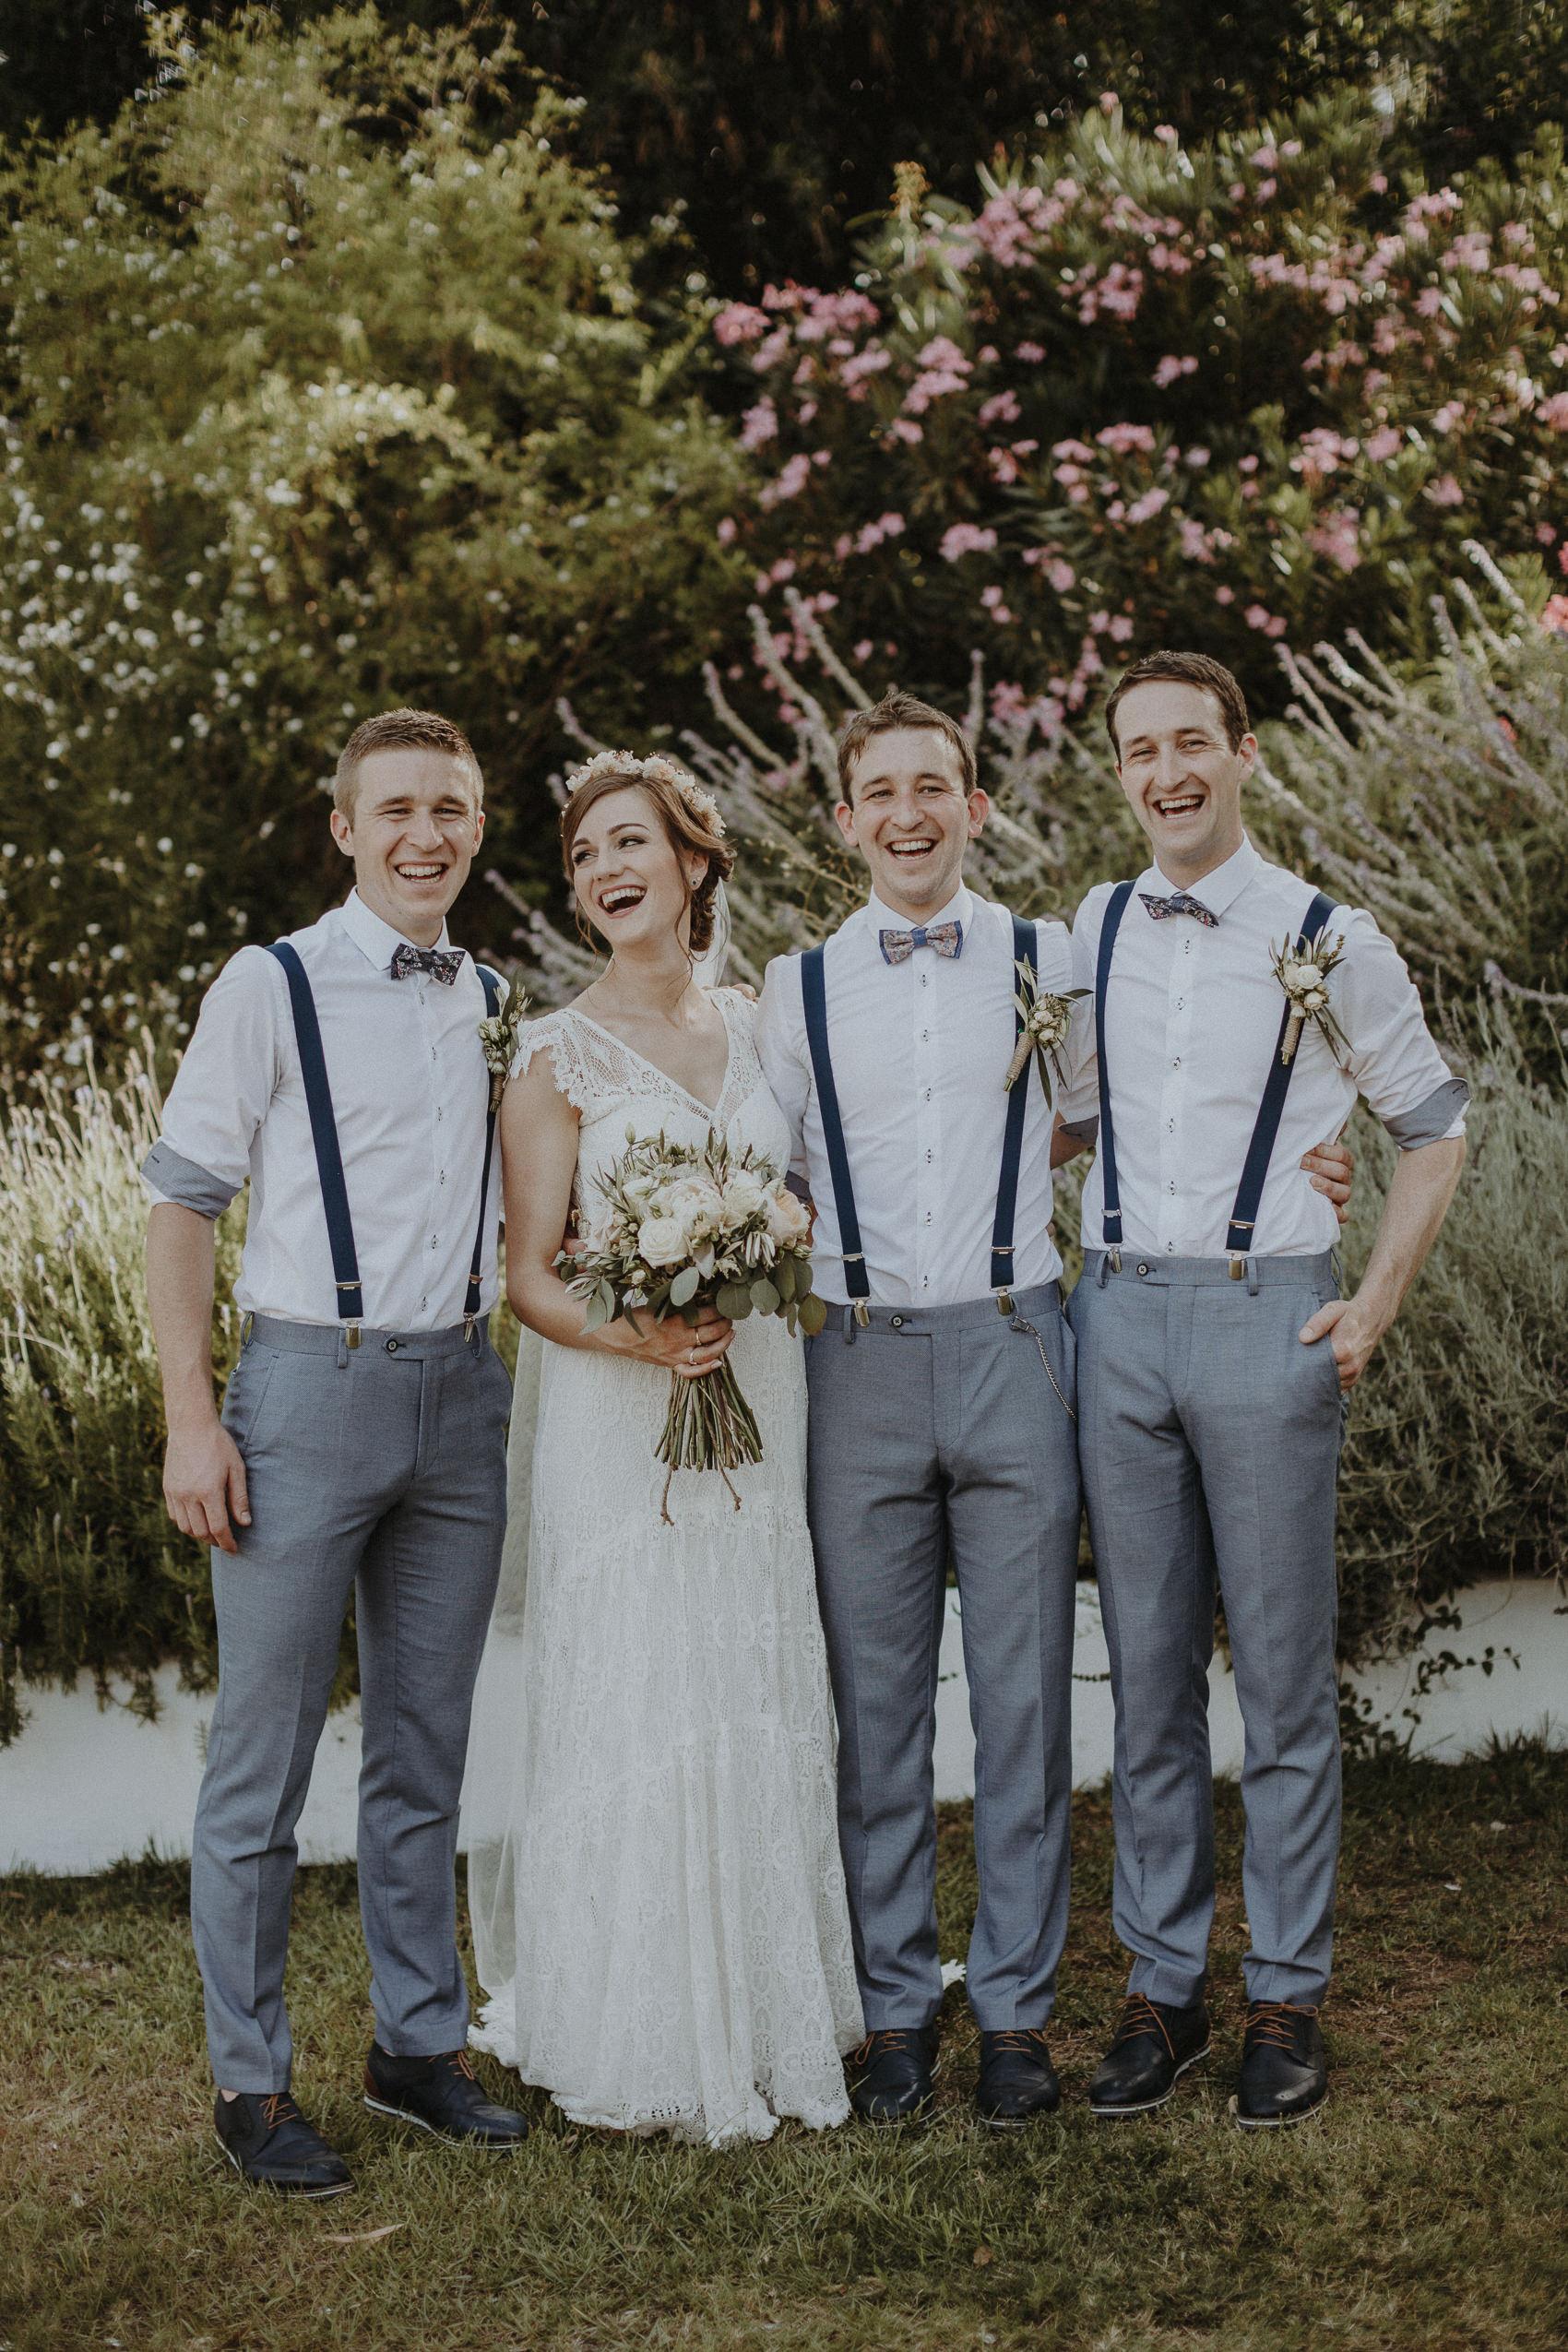 Sarah & Bill | Summer wedding at Cortijo Rosa Blanca | Marbella - Spain 103